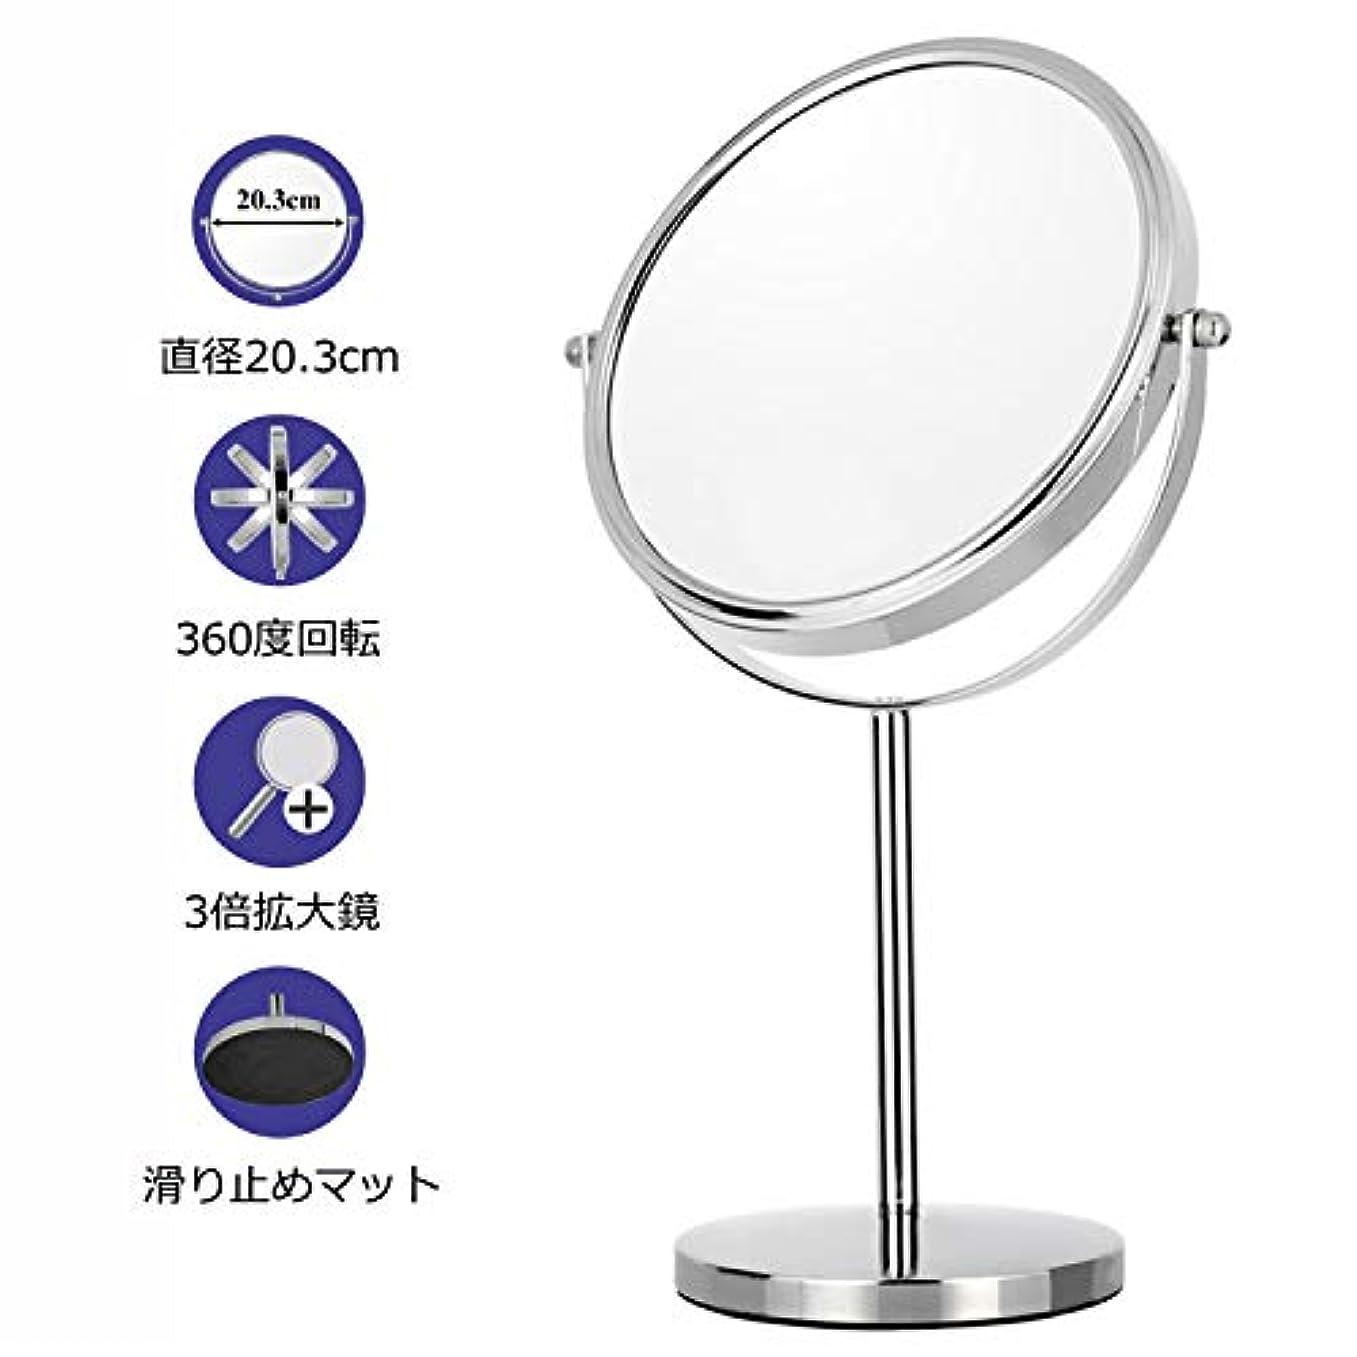 精神的にスクラブ気候鏡 卓上 拡大鏡付き 3倍卓上鏡 真実の両面鏡 浴室鏡 ミラー 360度回転 スタンドミラー クロム 鏡 (鏡面23.2cm)